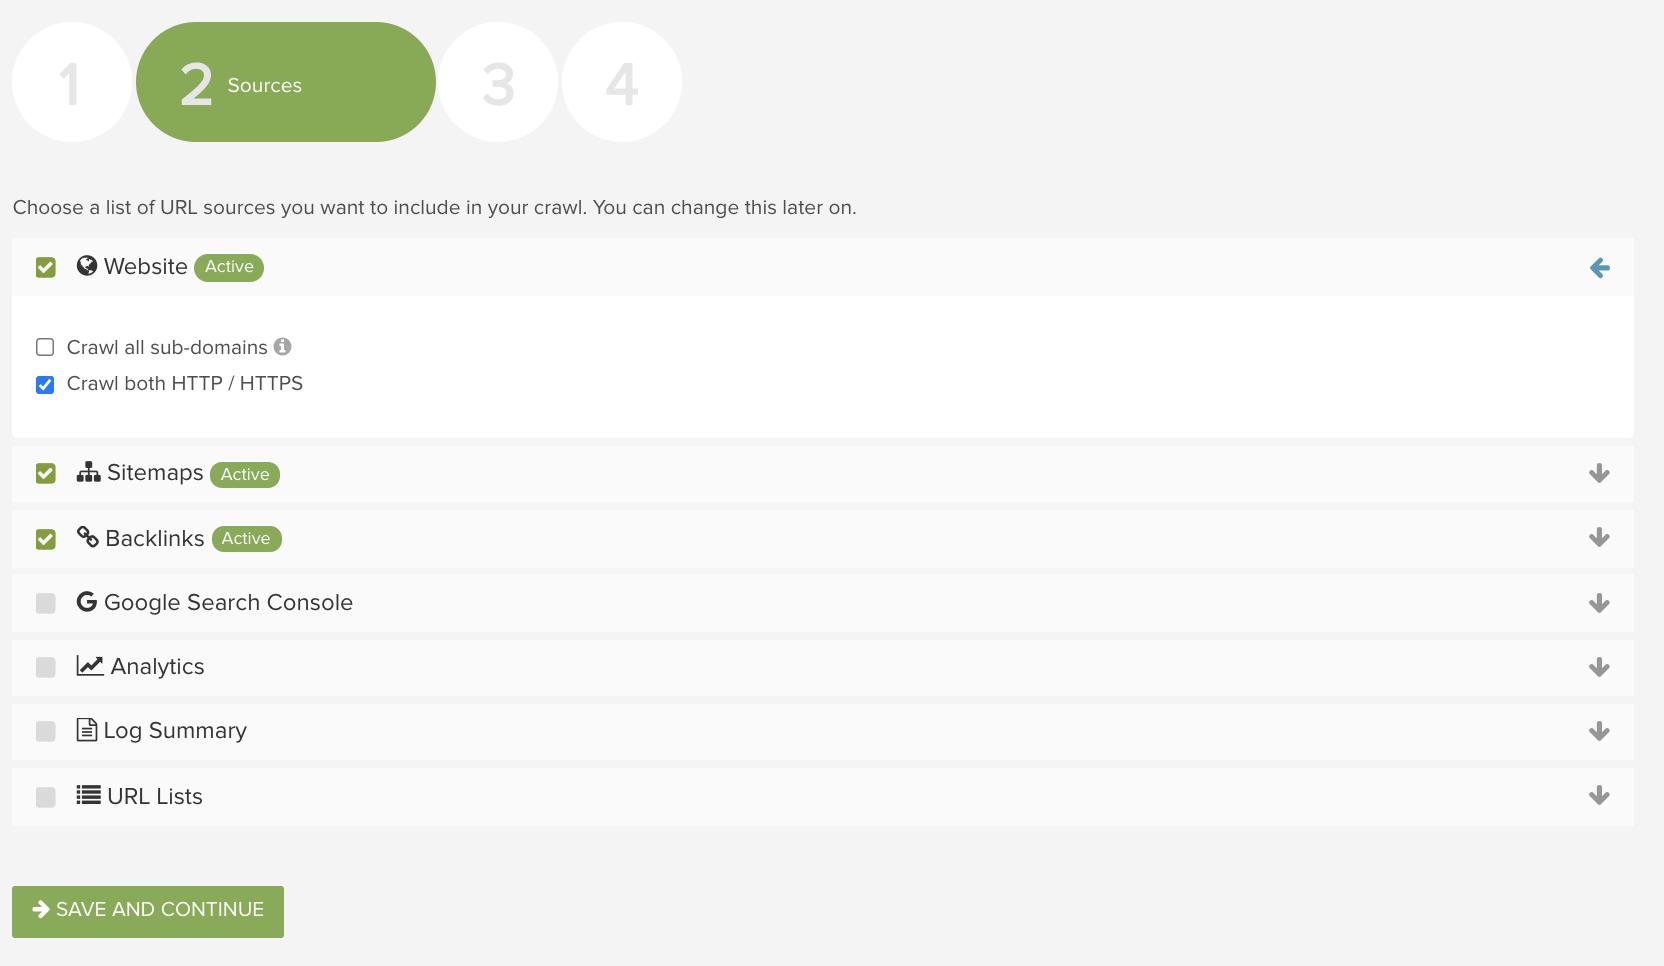 Using the Deepcrawl SEO platform to configure URL sources for a crawl